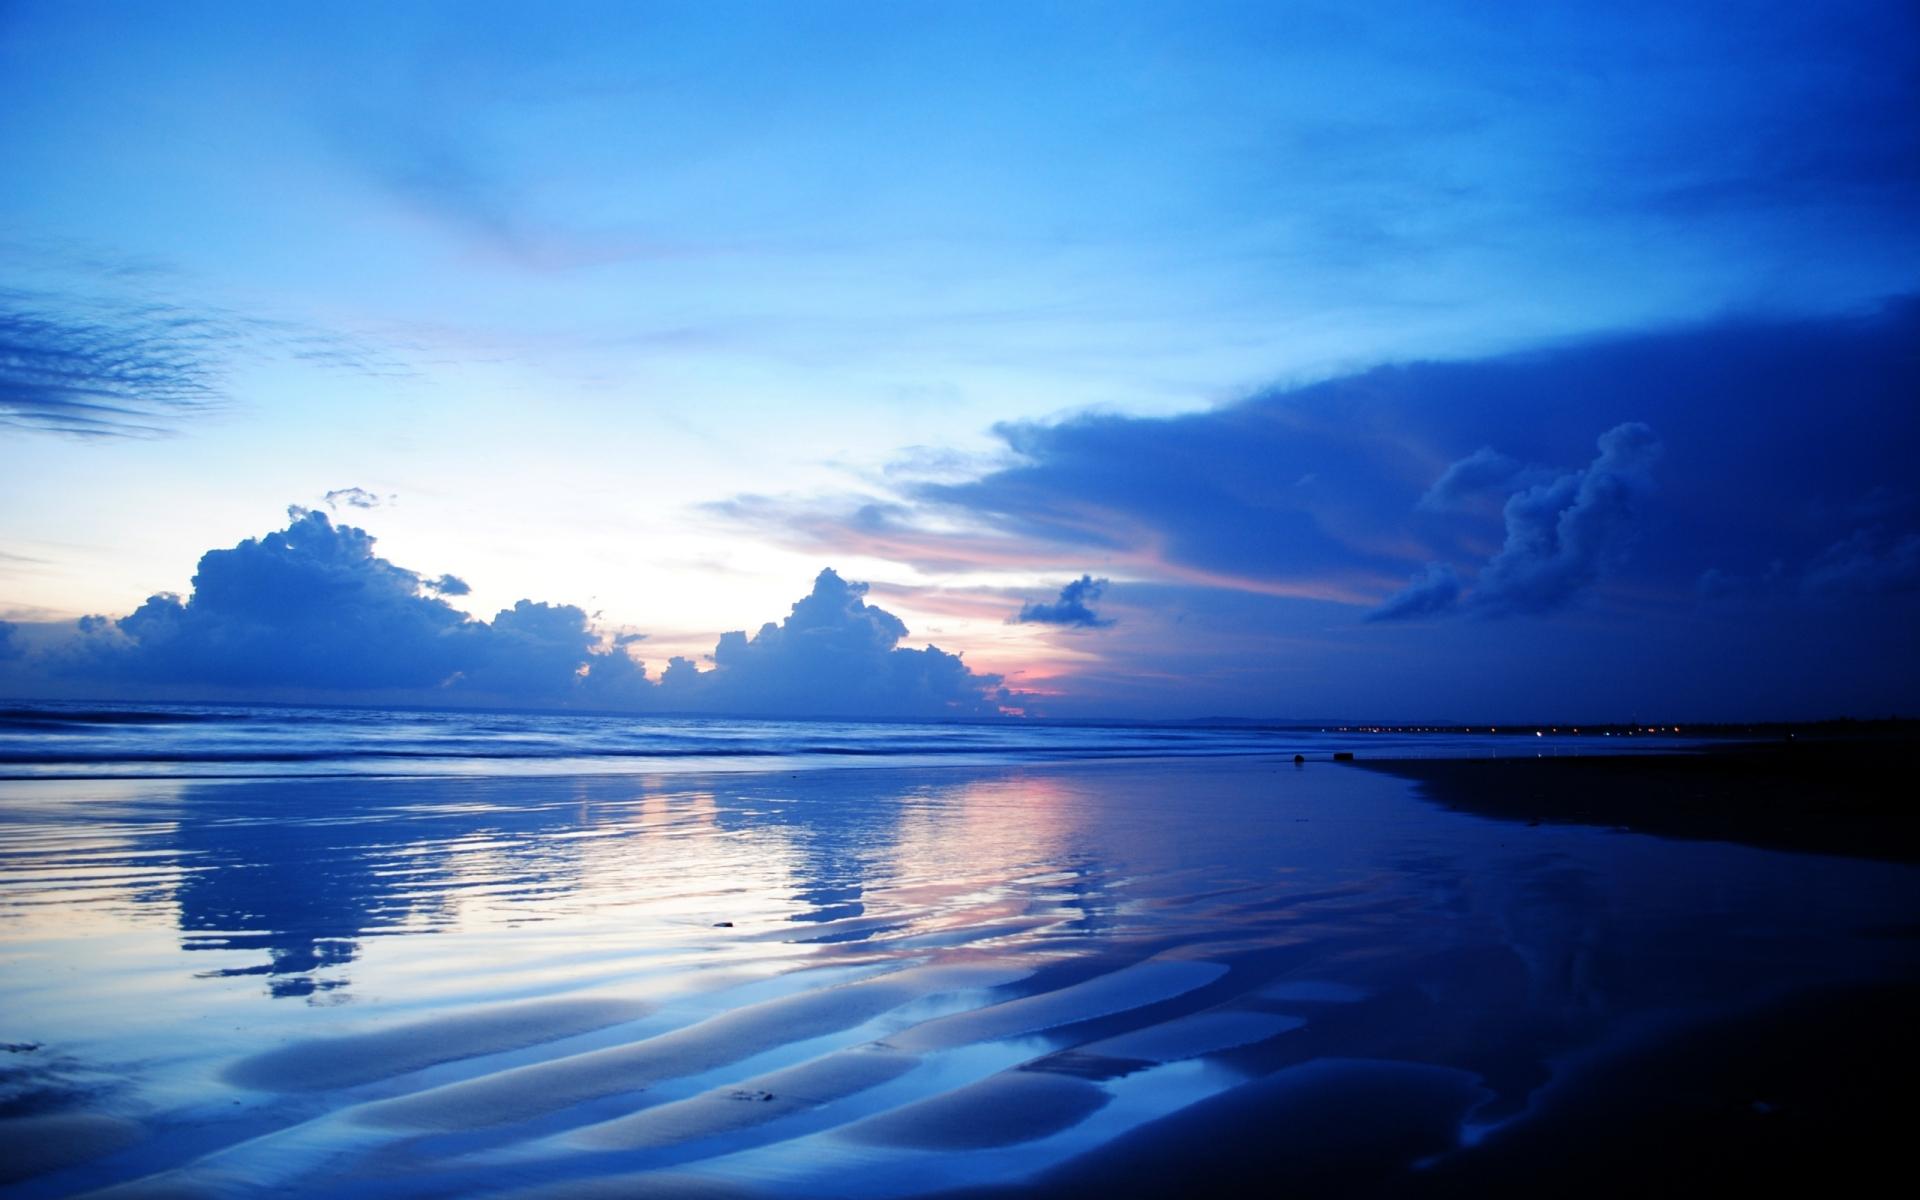 Blue Dusk Background